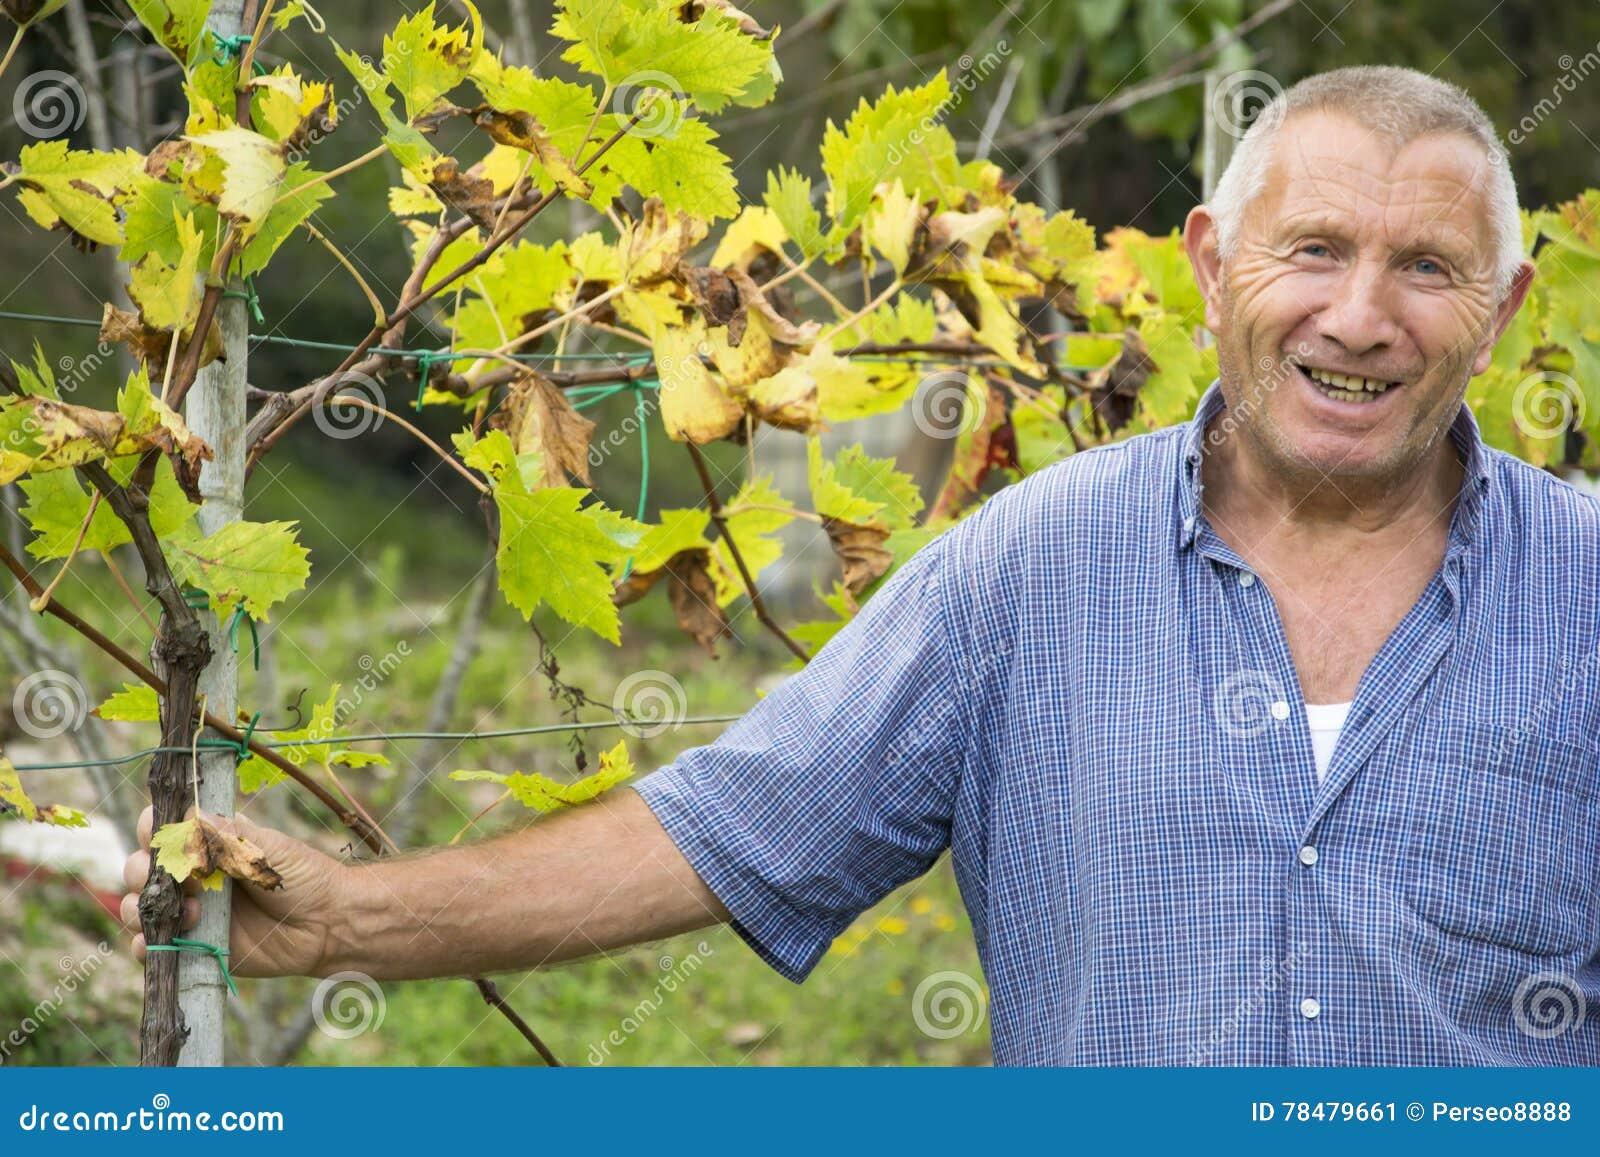 Älterer Mann (wirklicher italienischer Winemaker, kein Modell) nach der Arbeit lächelnd in einem Weinberg, Chiantiregion, Toskana